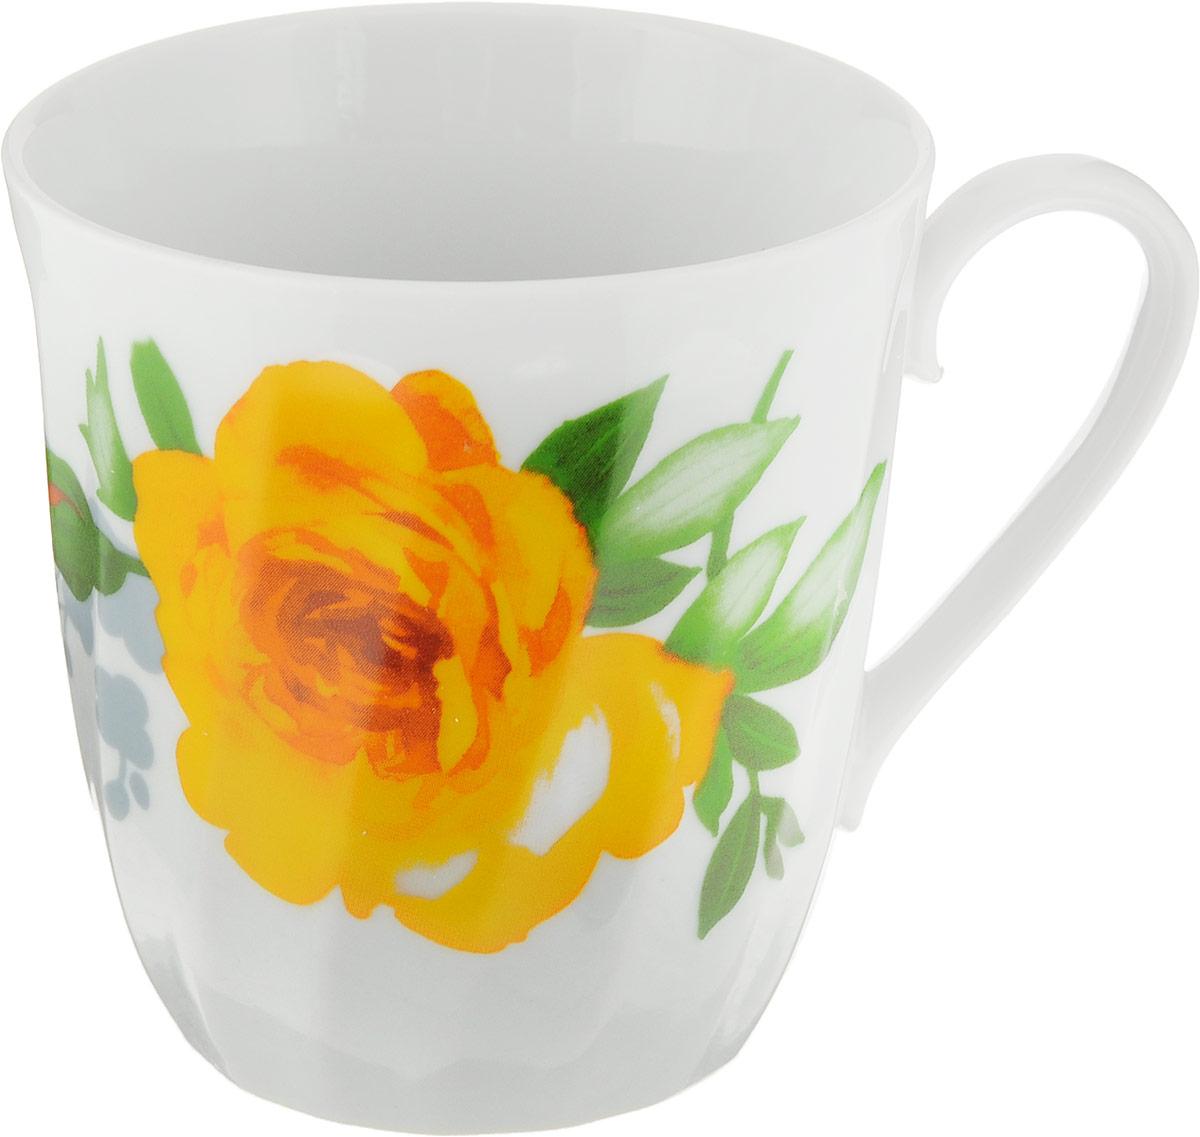 Кружка Дулевский Фарфор Витая. Роза, 350 мл. 6761267612_желтыйКружка Дулевский Фарфор Витая. Роза способна скрасить любое чаепитие. Изделие выполнено из высококачественного фарфора. Посуда из такого материала позволяет сохранить истинный вкус напитка, а также помогает ему дольше оставаться теплым. Кружка оснащена удобной ручкой.Диаметр: 9,5 см.Высота: 9,5 см.